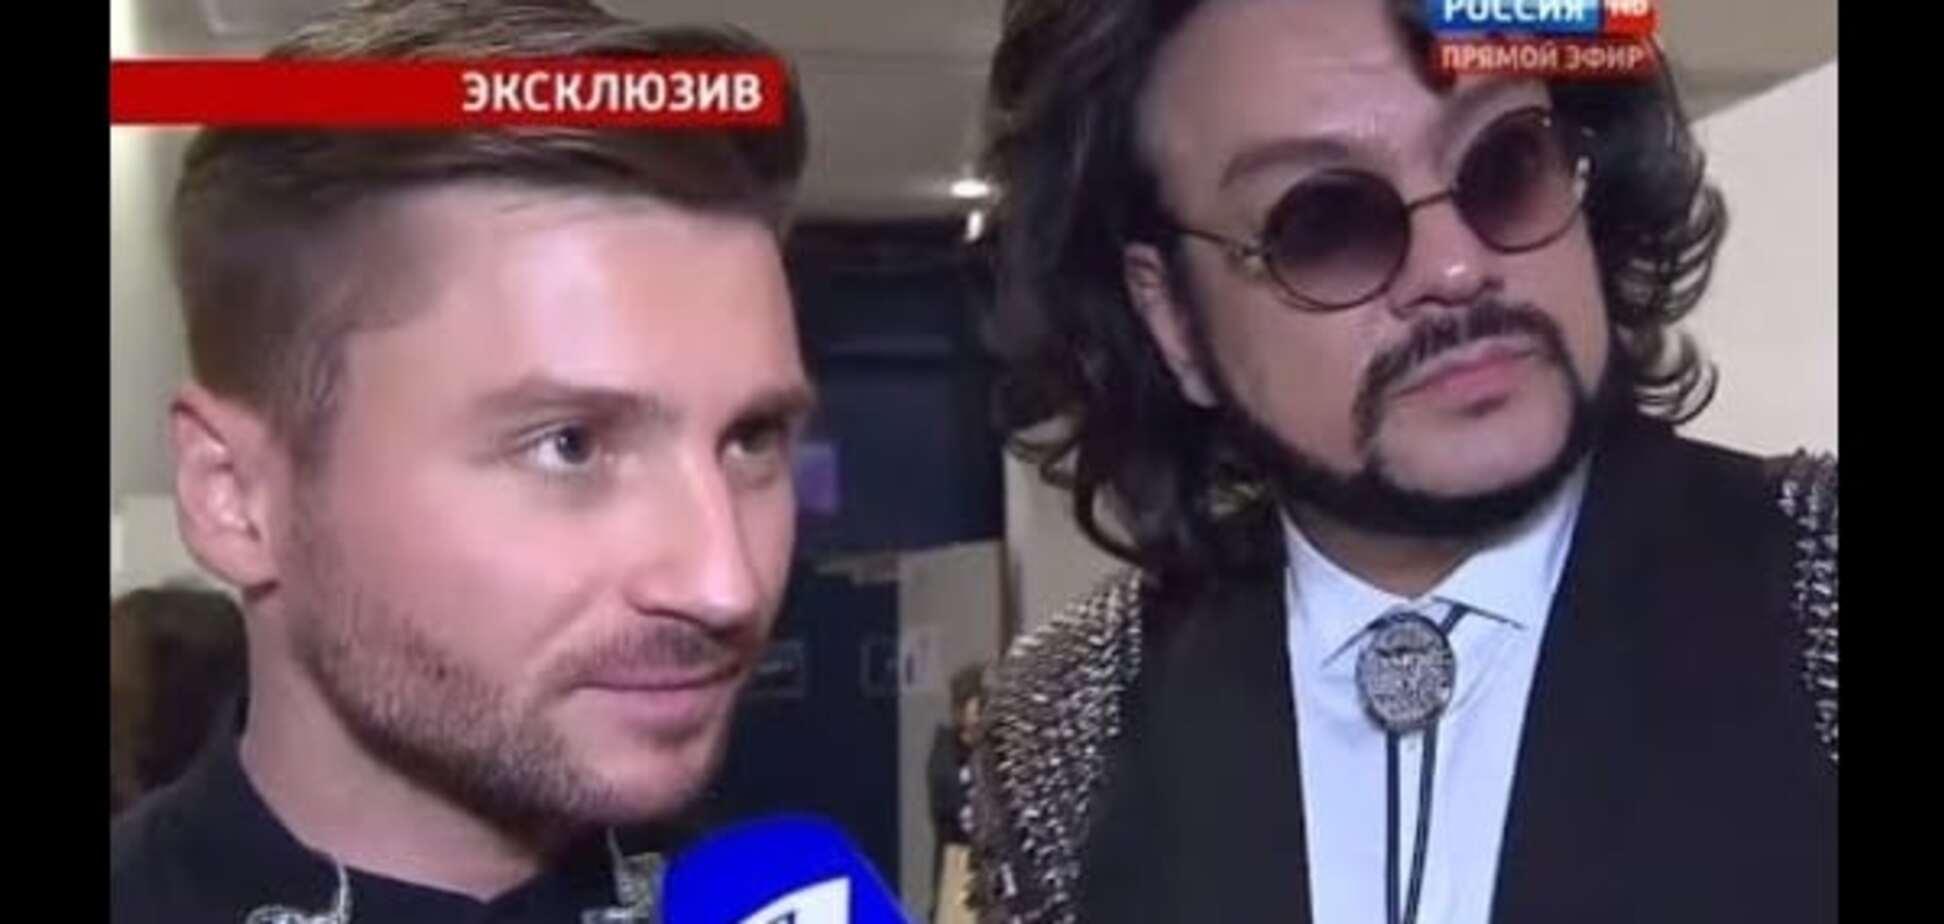 Евровидение-2016. Специальный выпуск. Часть 2. От 15.05.16